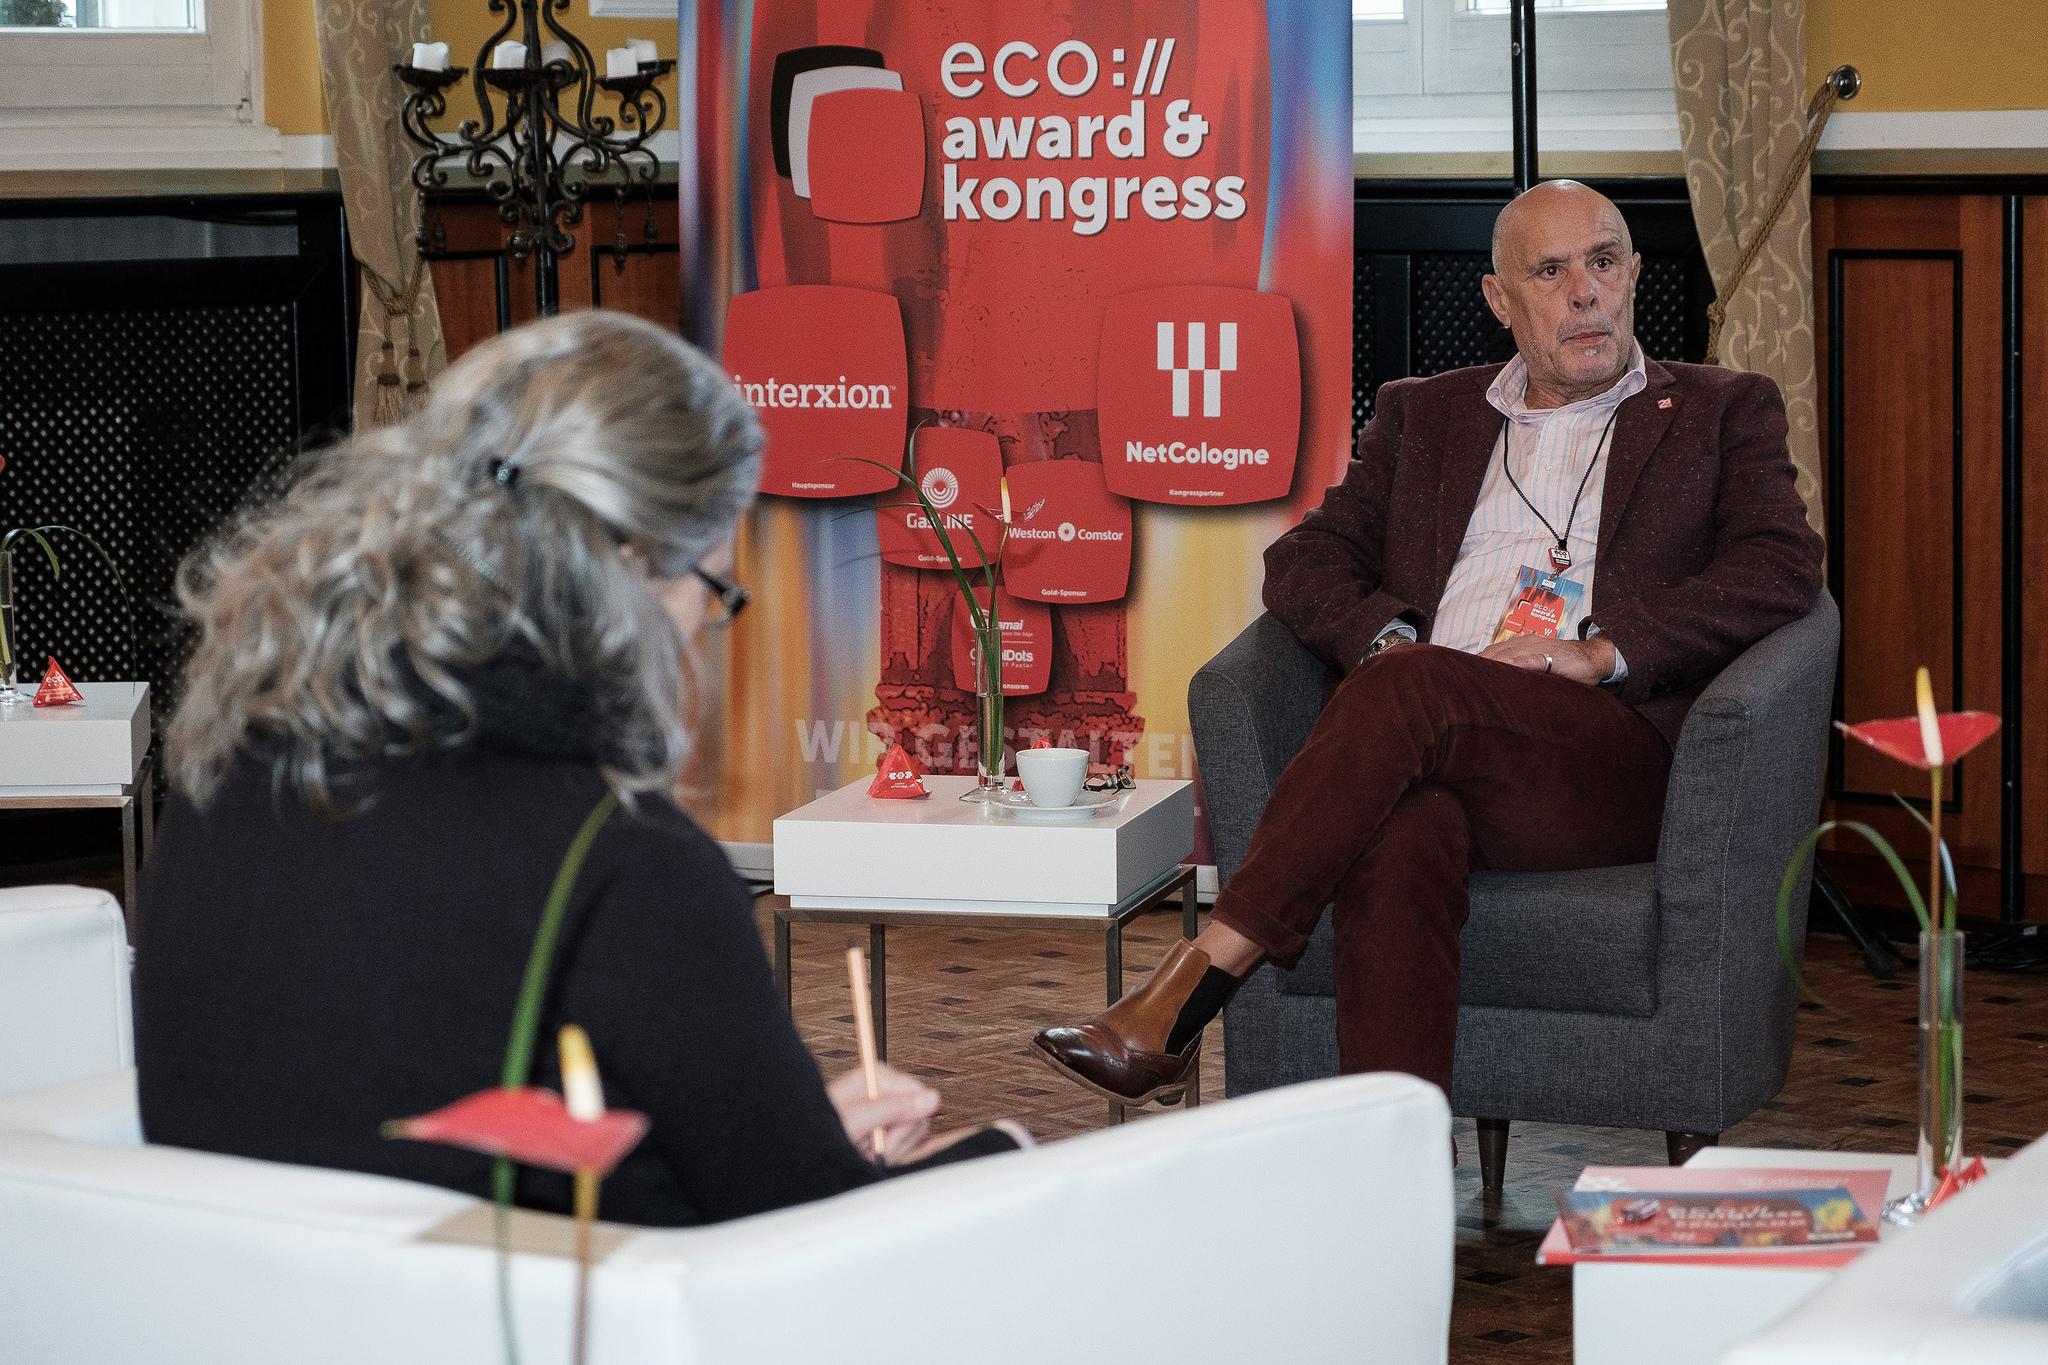 eco://kongress & eco:awards: Gemeinsam die digitale Zukunft gestalten